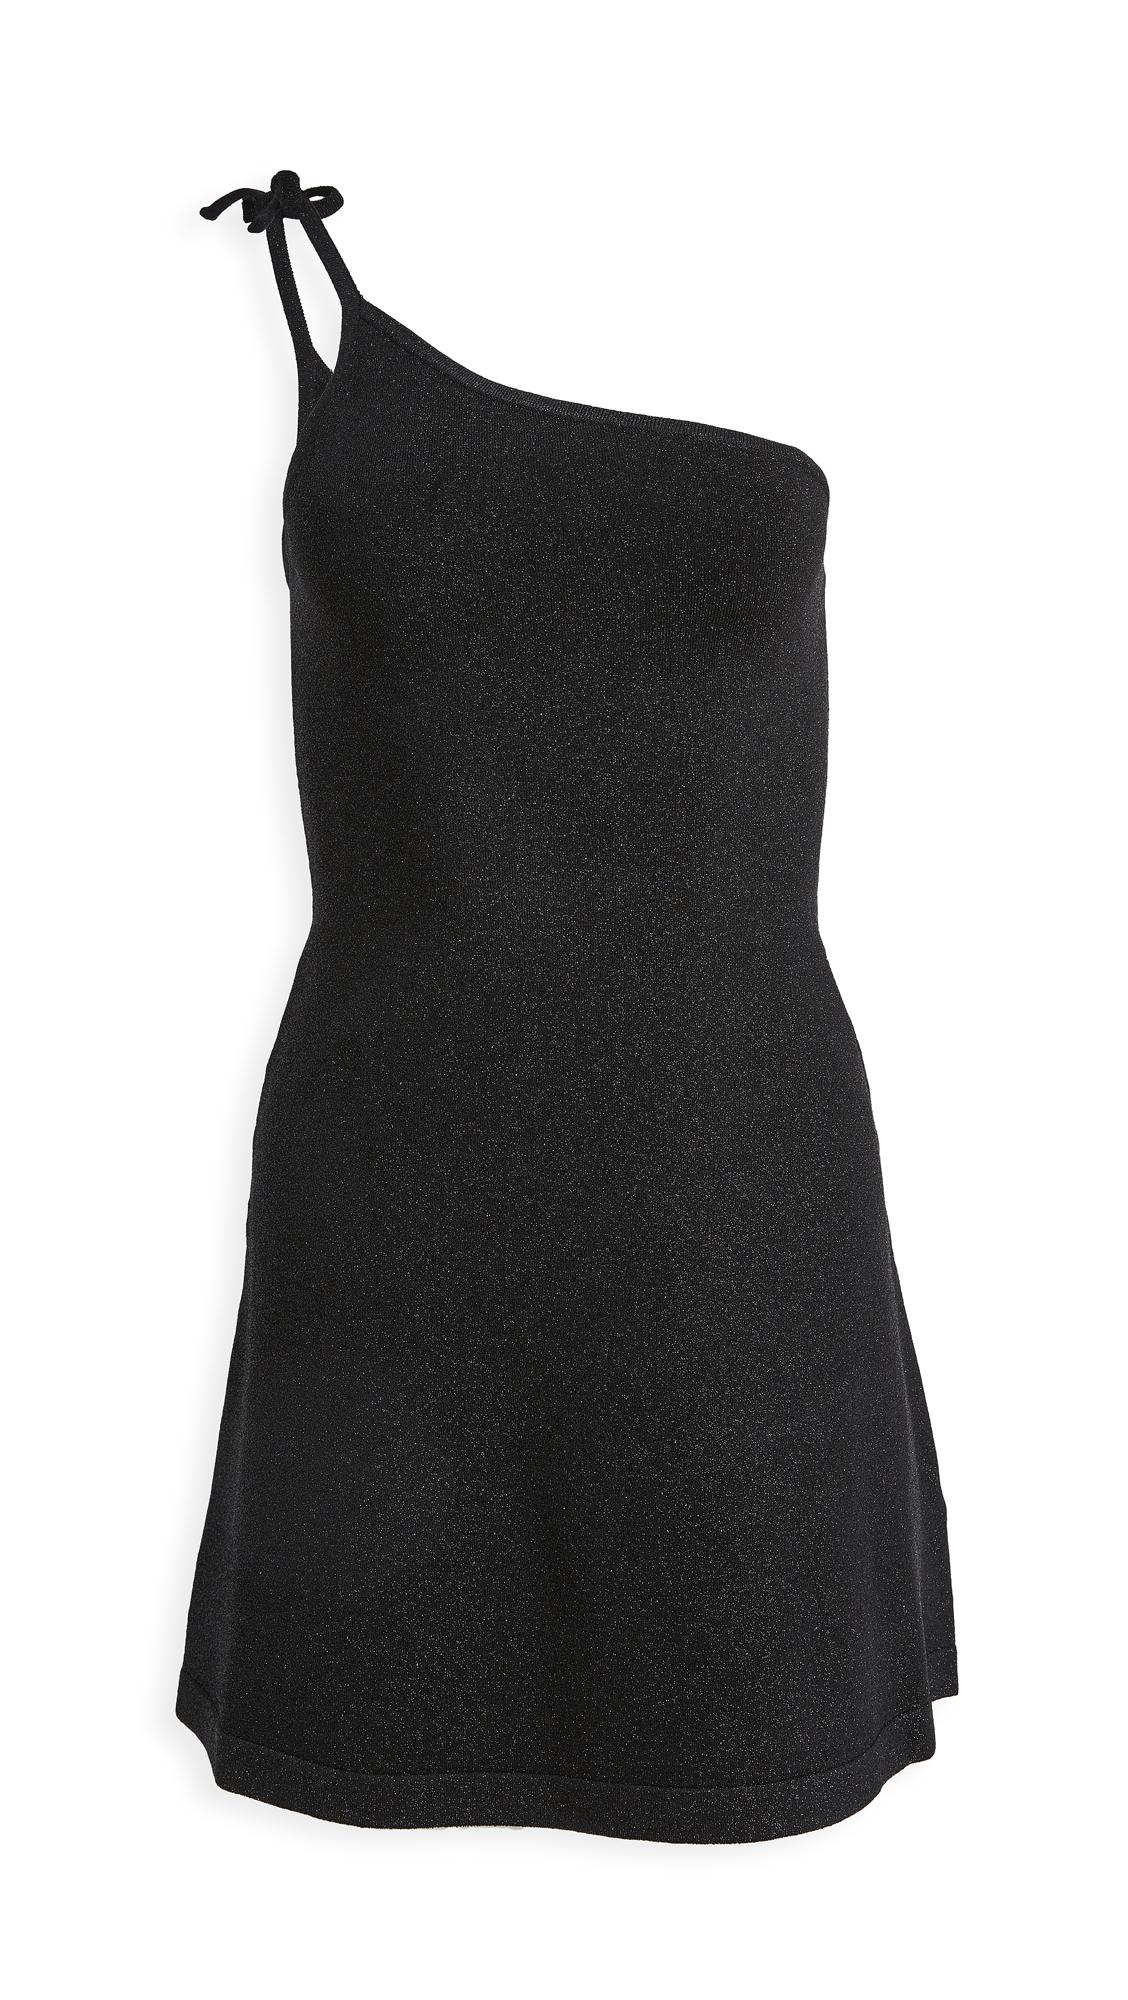 JoosTricot Asymmetric Mini Dress